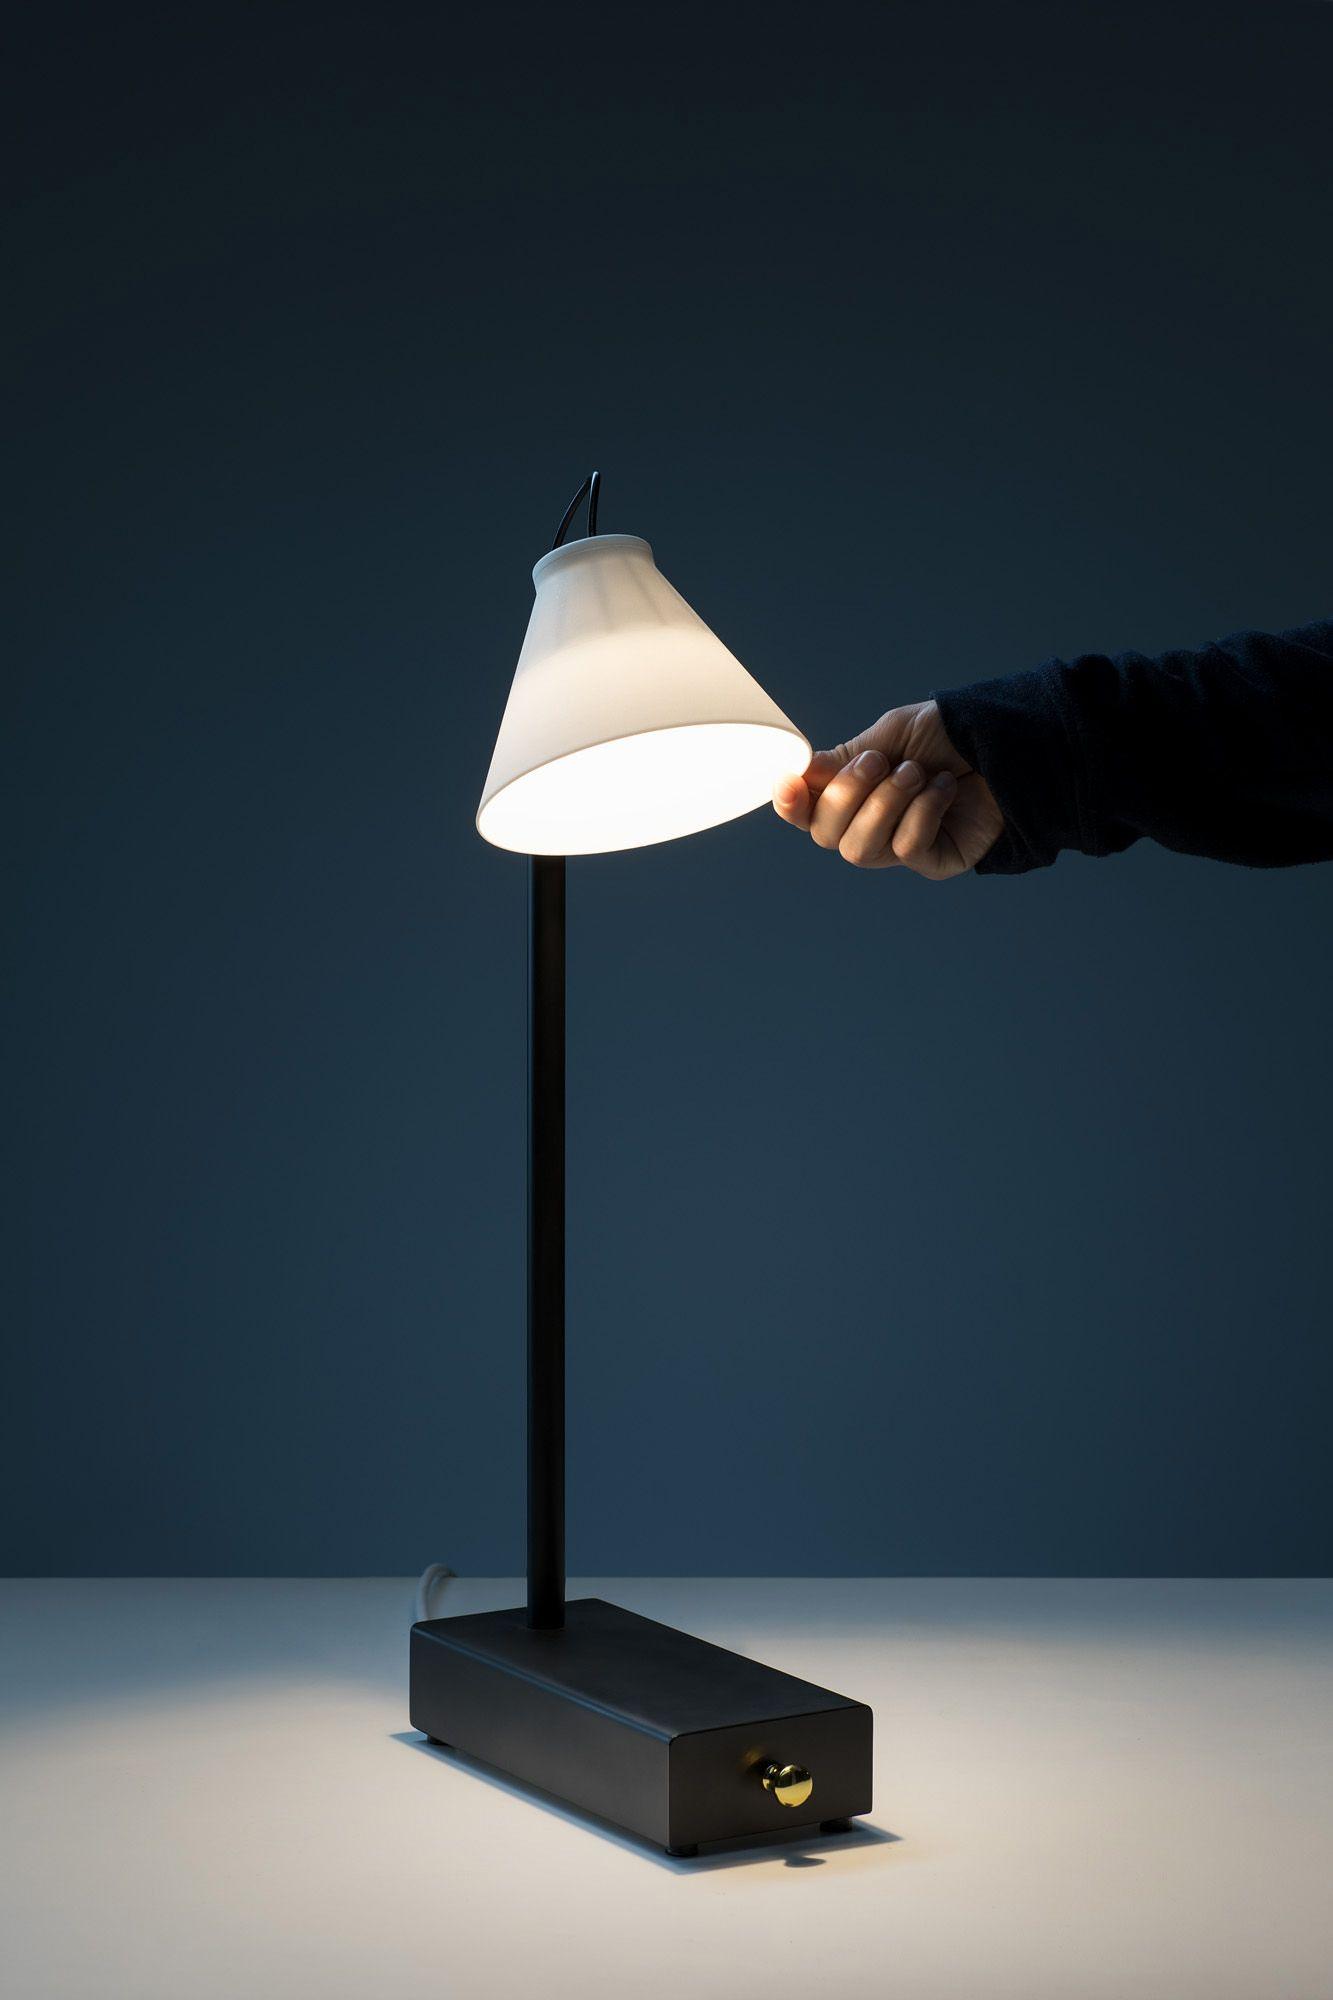 Offline Lamp Lamp Table Lamp Table Lamp Design